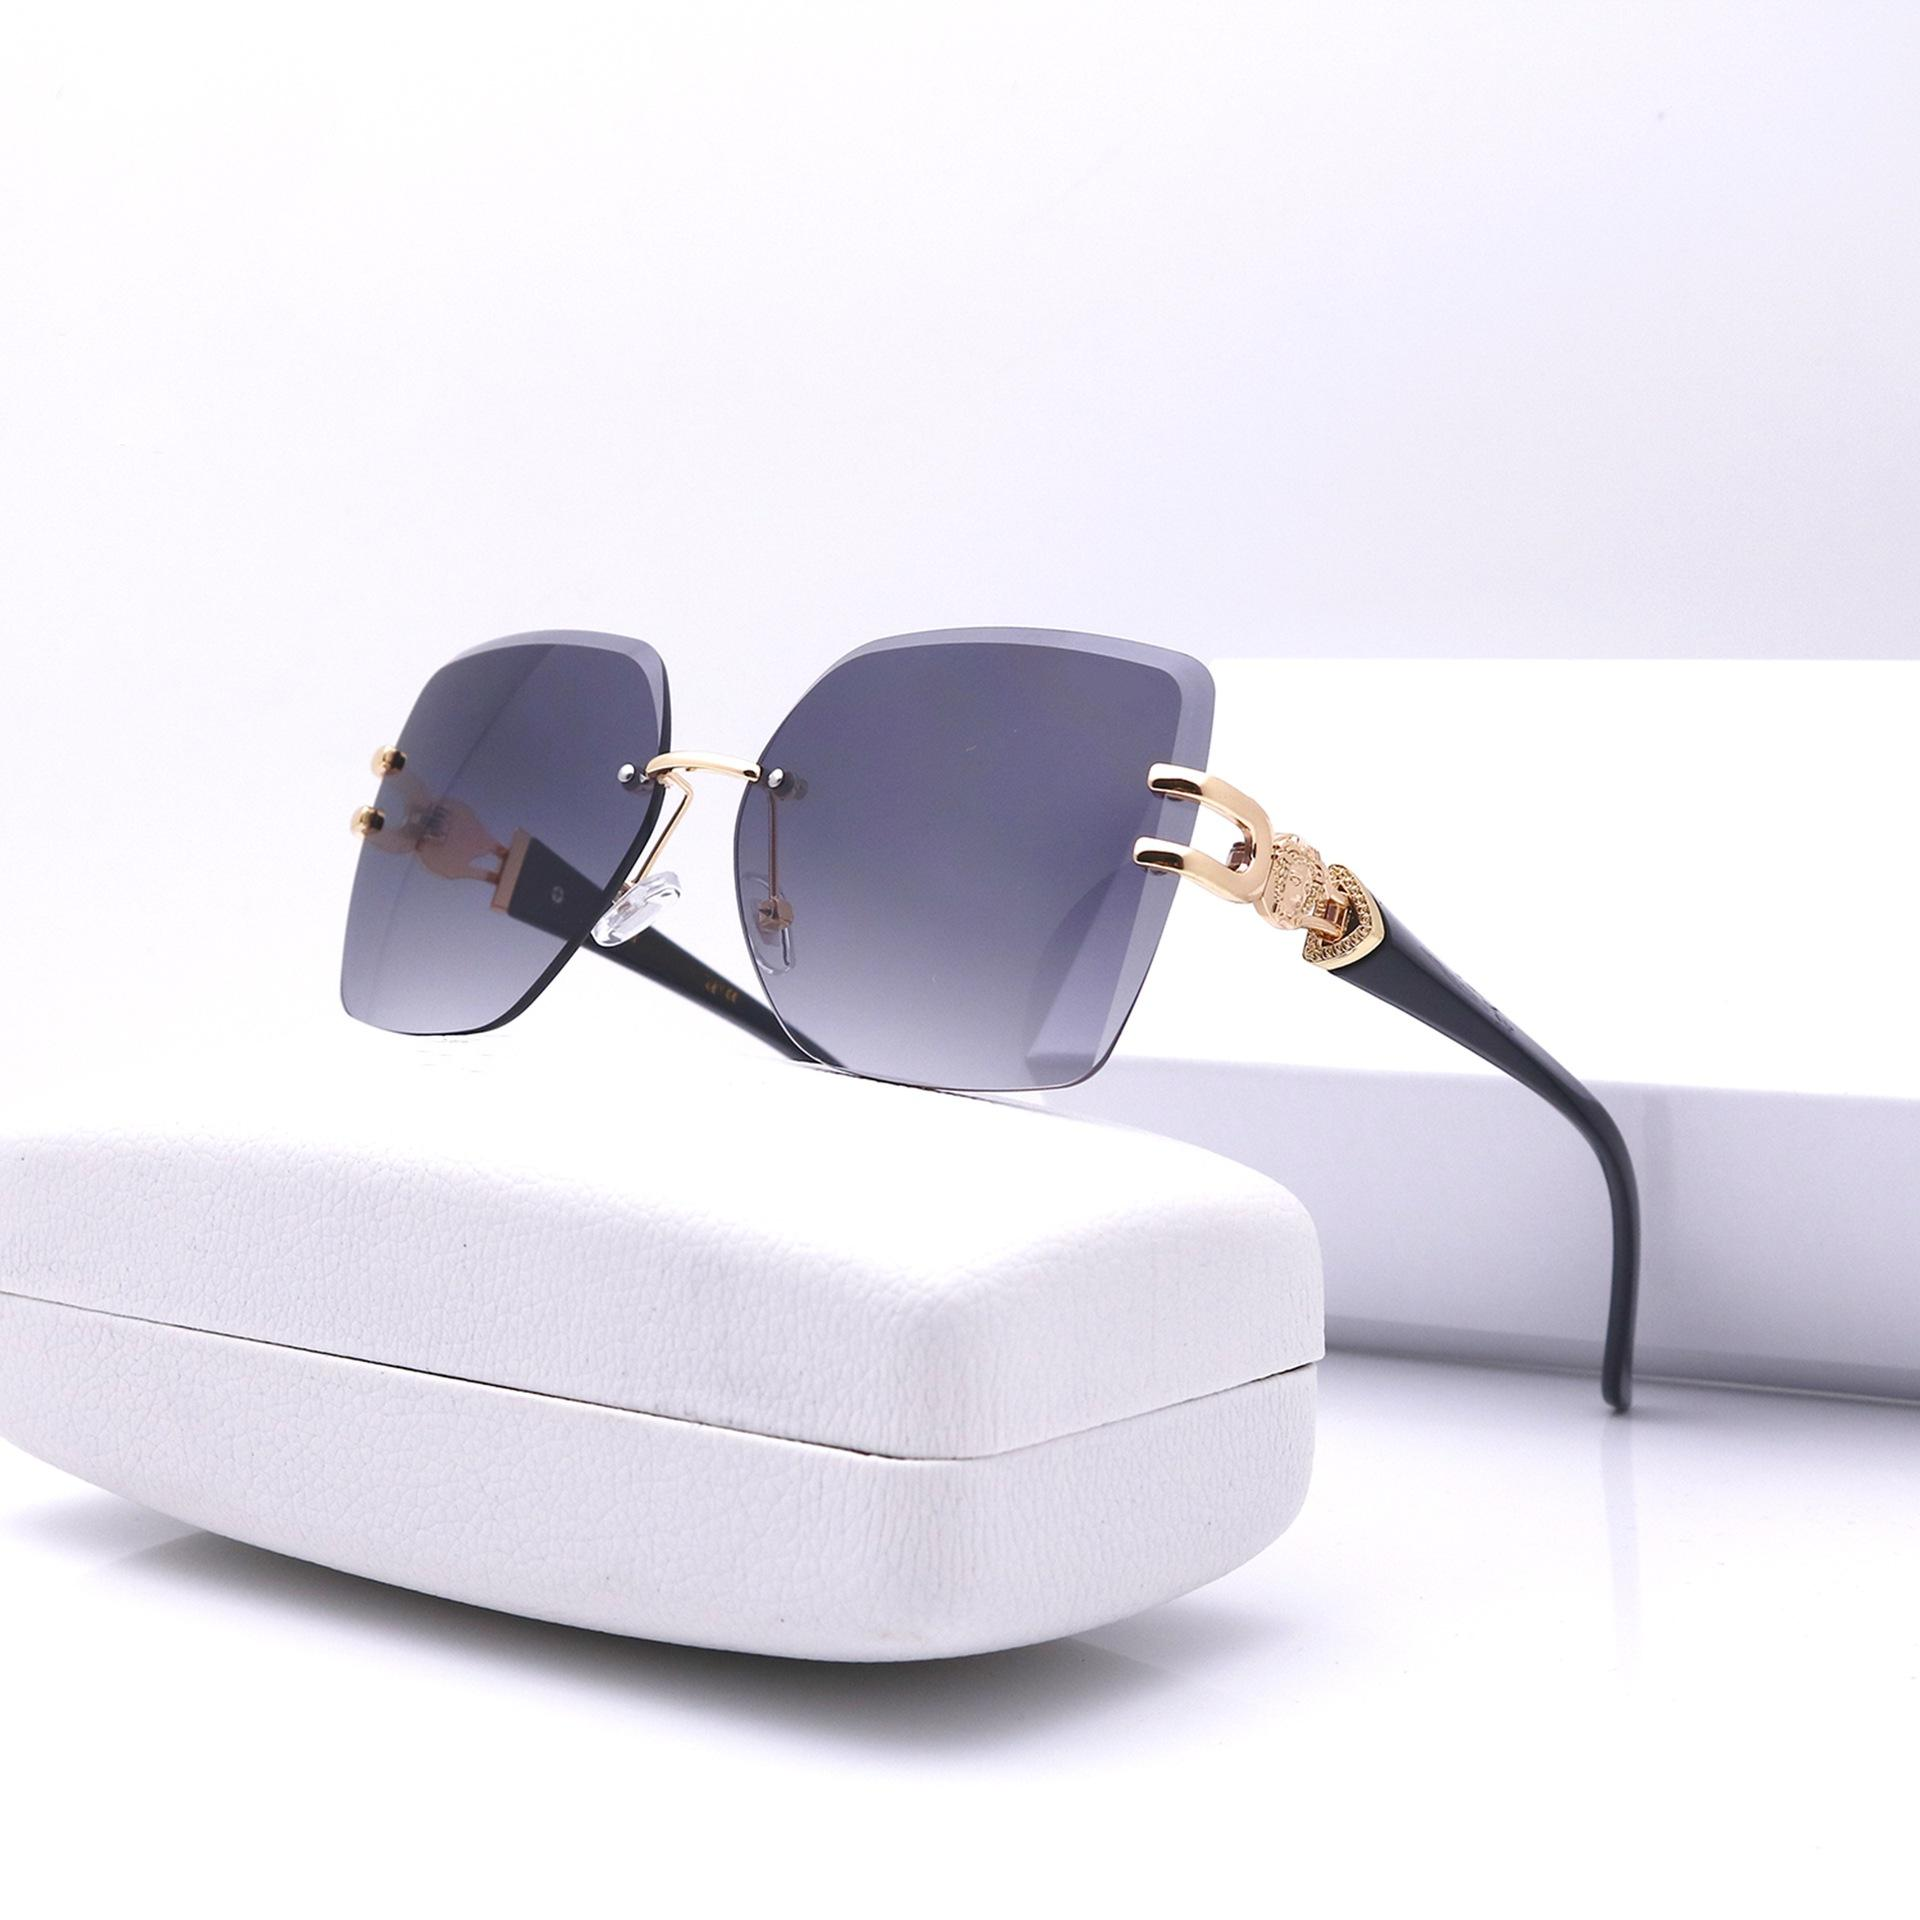 Высокое качество бренда солнцезащитные очки ве 883 Мода Evidence Солнцезащитные очки Конструктор очки женщин людей солнцезащитные очки новые очки с коробкой случая